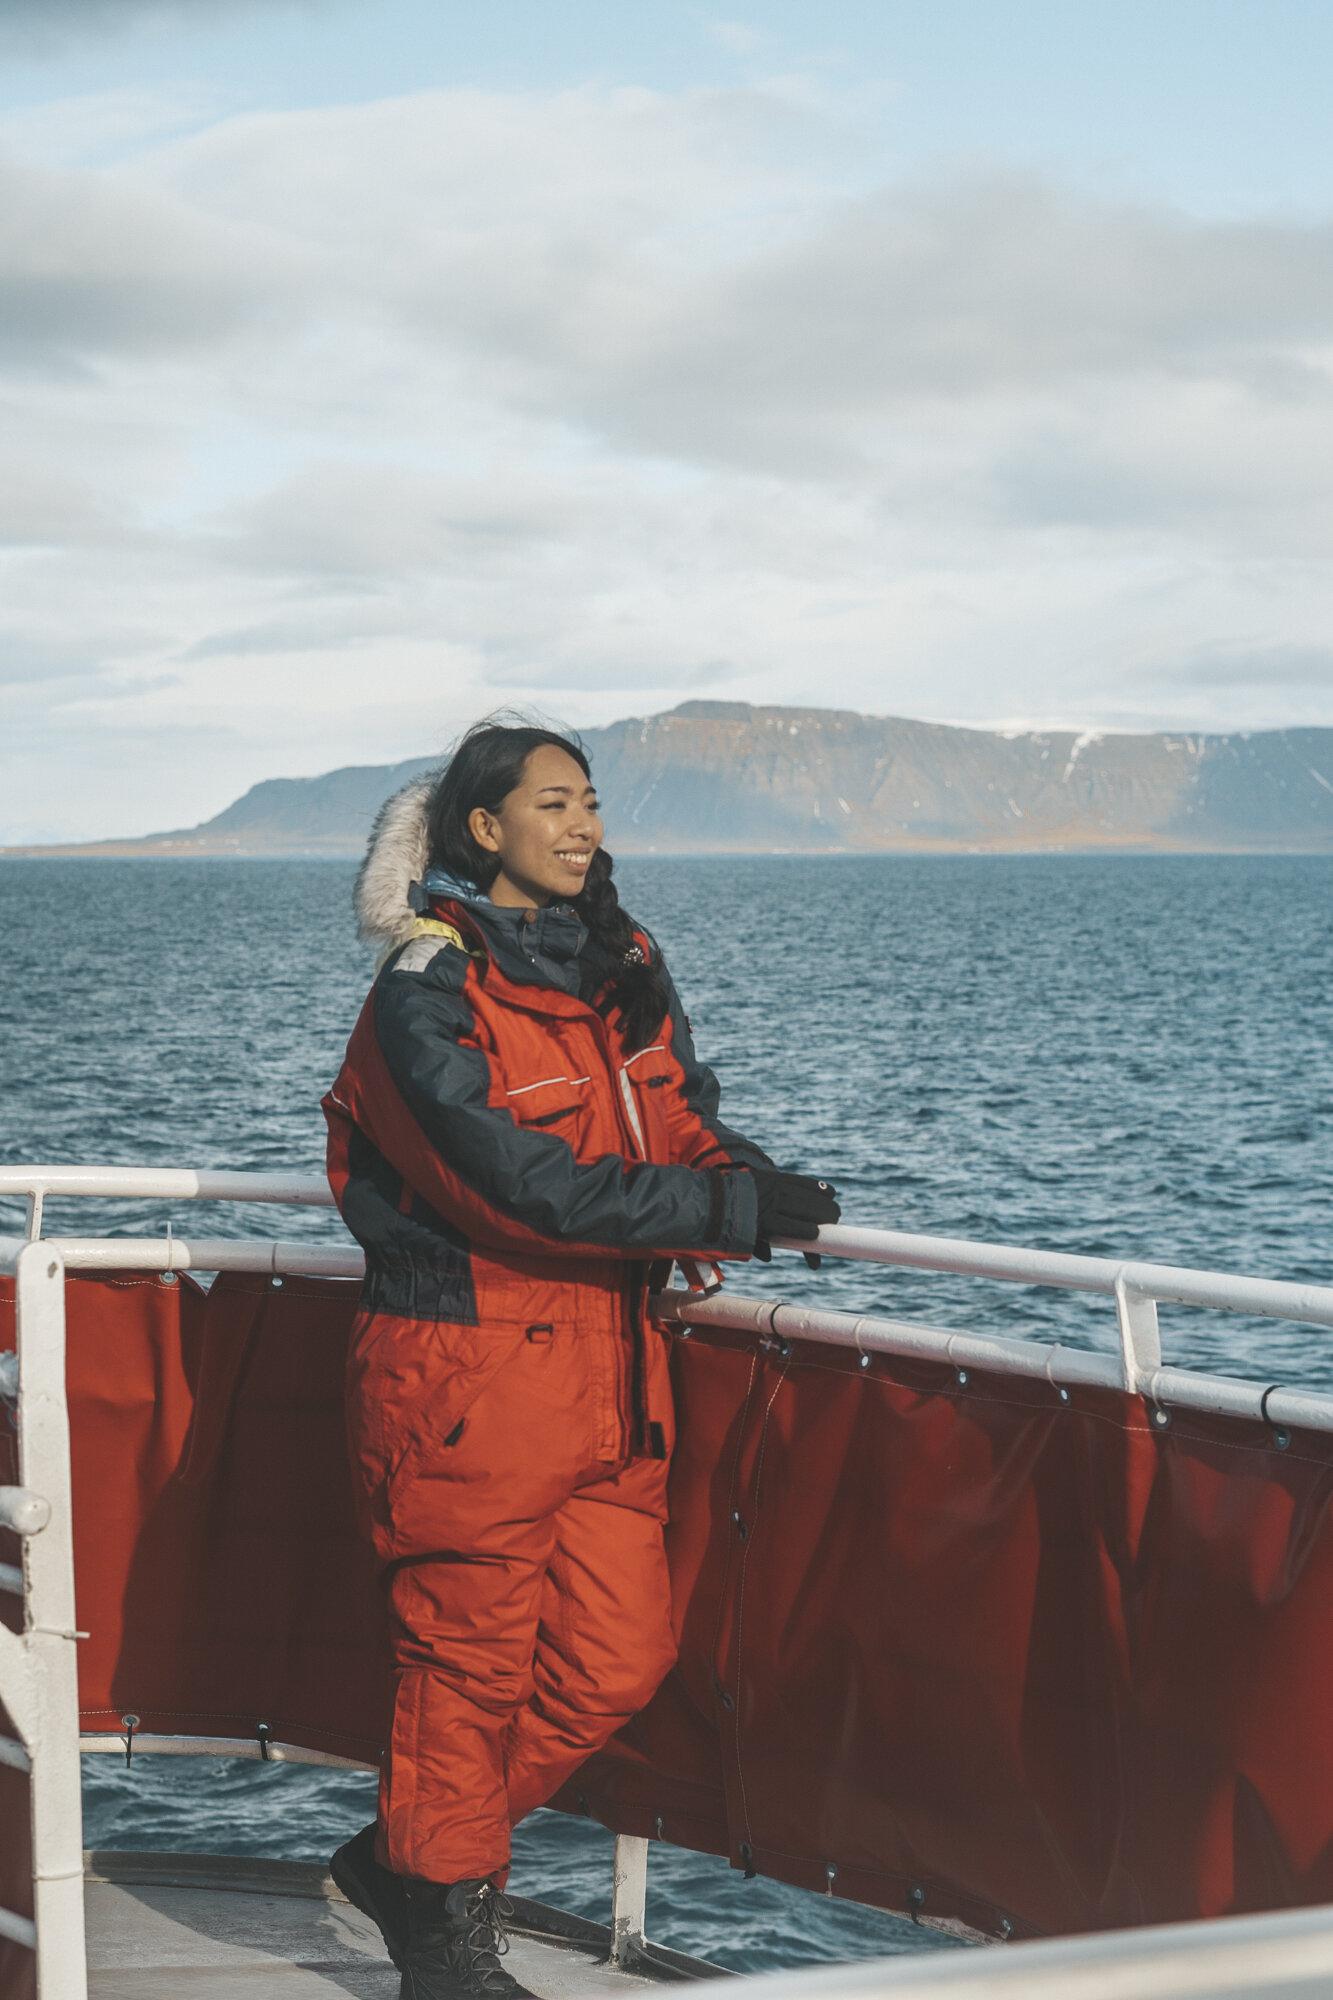 身穿红色工作服、头戴毛绒帽的女孩站在甲板上,背景是蓝色的大海和山脉